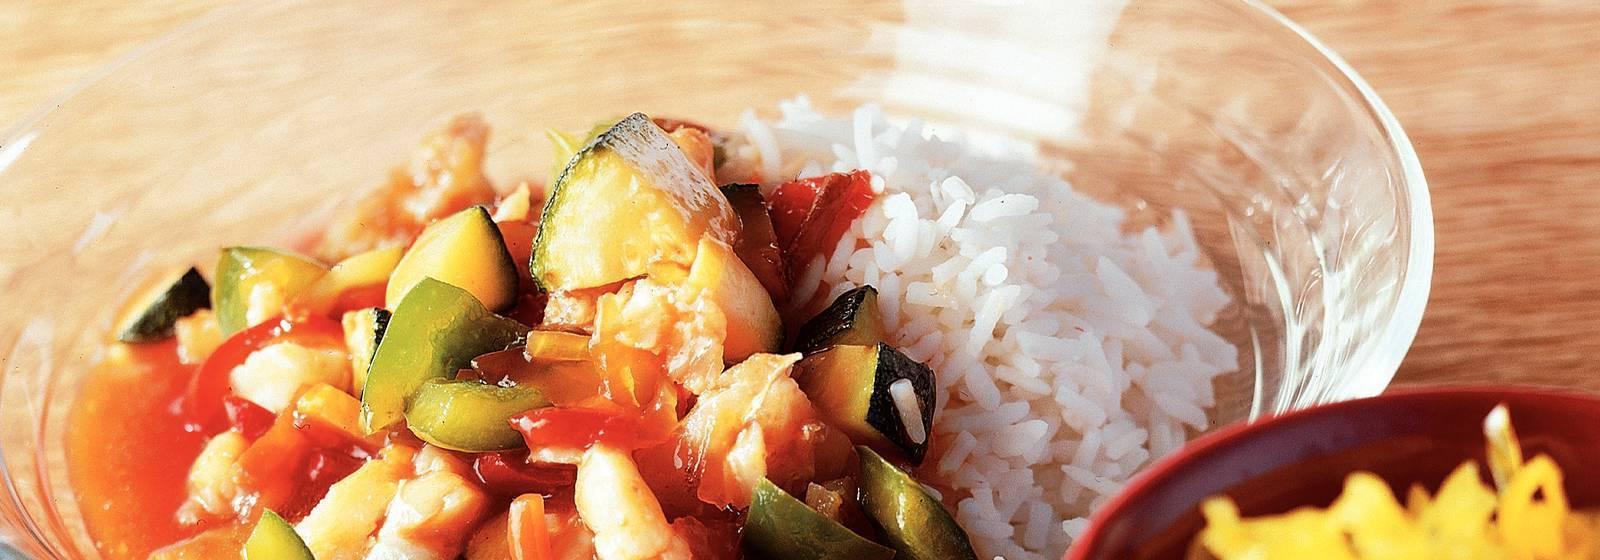 Coalfish with babi pangang sauce